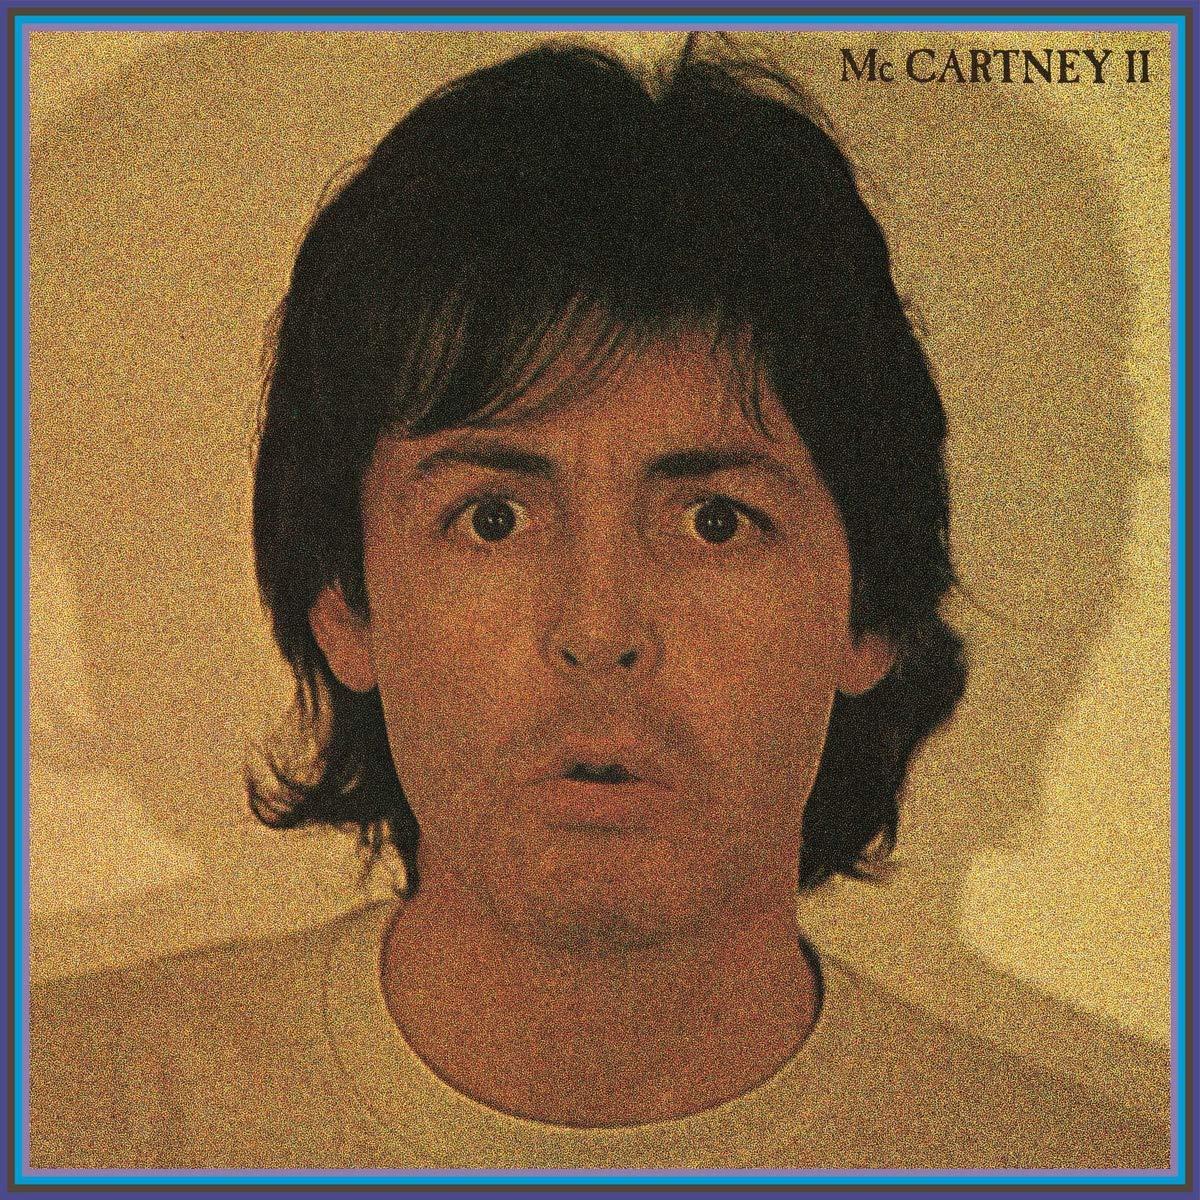 Paul McCartney - McCartney II [LP]